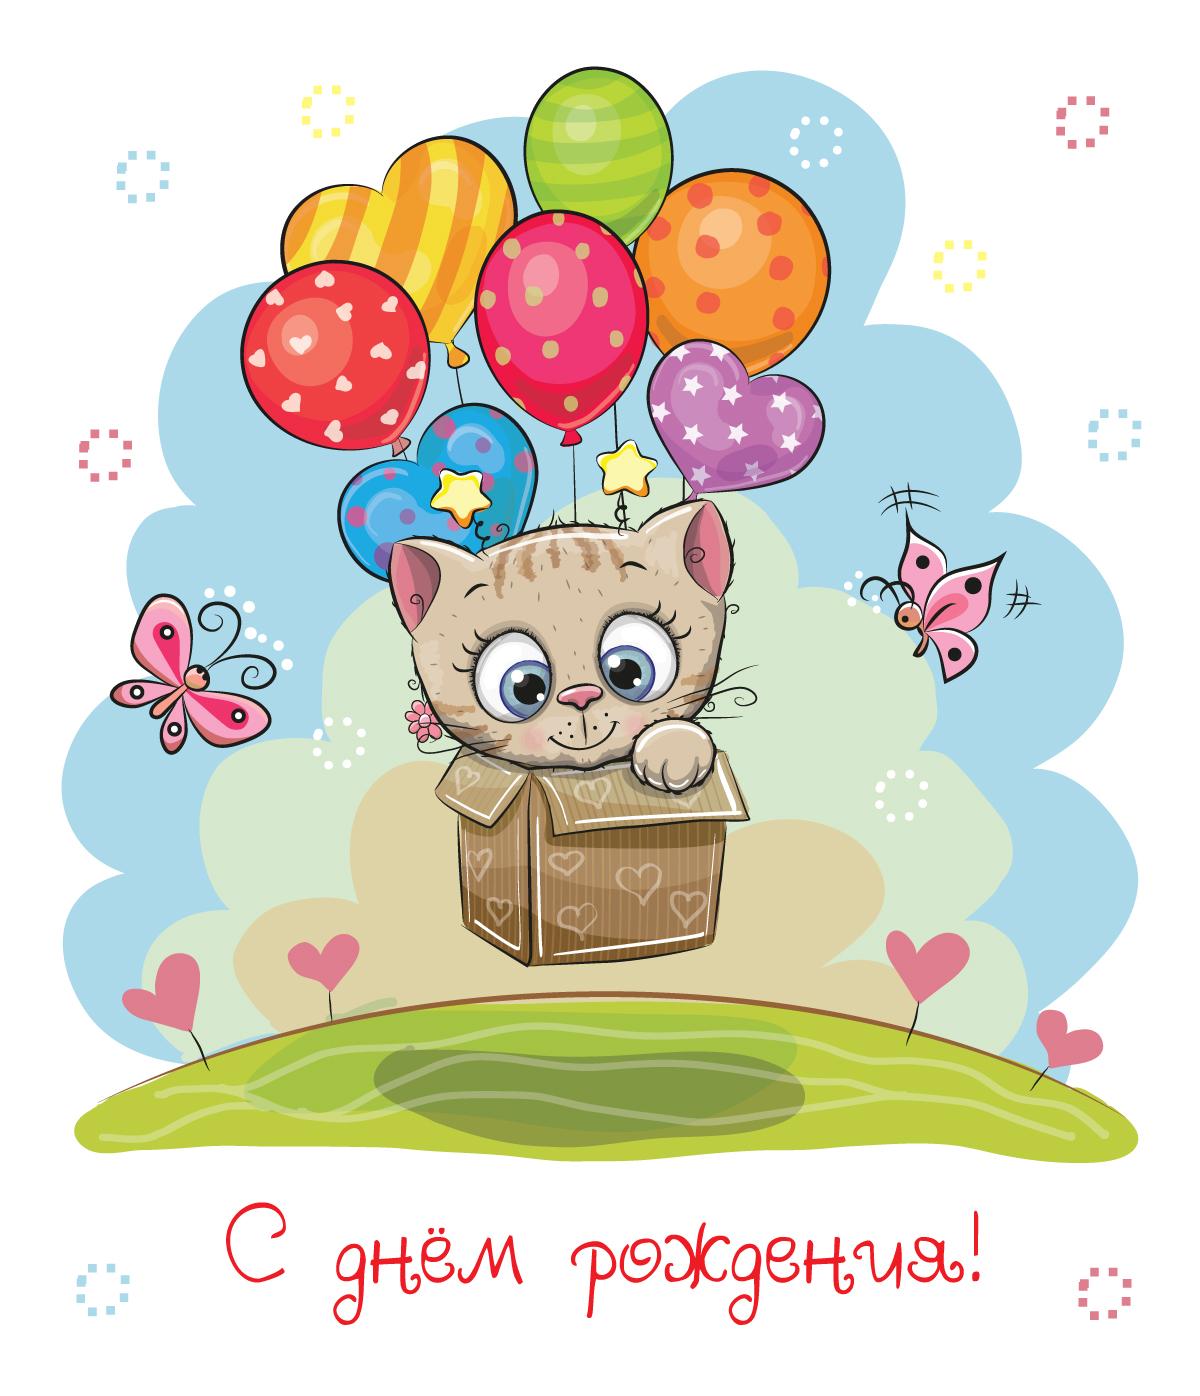 Открытка – поздравительная карточка, которая прочно вошла в быт человека. Не обязательно дарить дорогой подарок, главное внимание, достаточно выбрать подходящую картинку на открытке и вручить дорогому человеку.